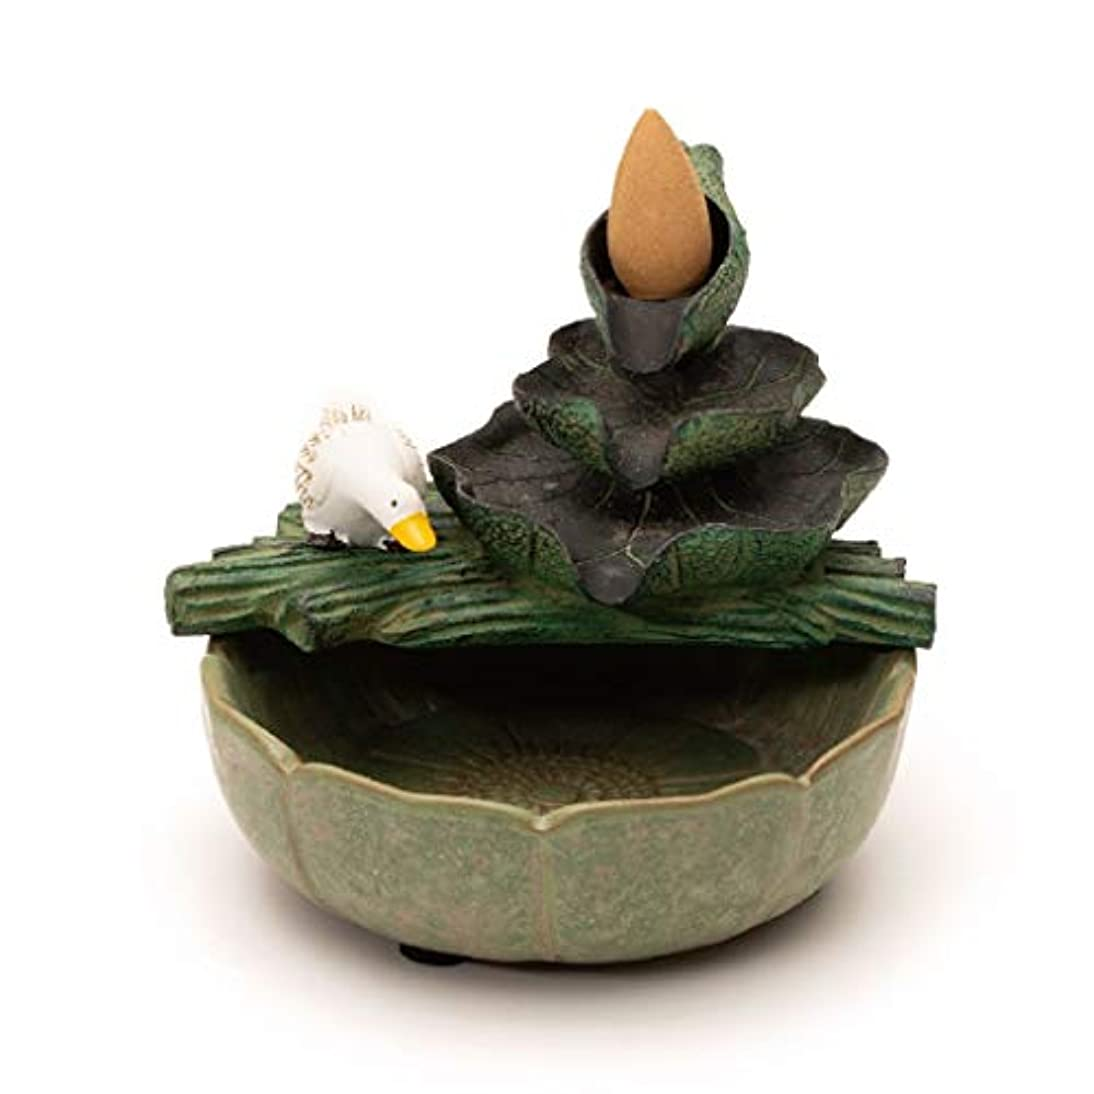 やむを得ないモード懸念芳香器?アロマバーナー ビリアン香逆流香バーナー家庭用煙香挿入された室内装飾アロマテラピー炉 アロマバーナー (PATTERN : B)